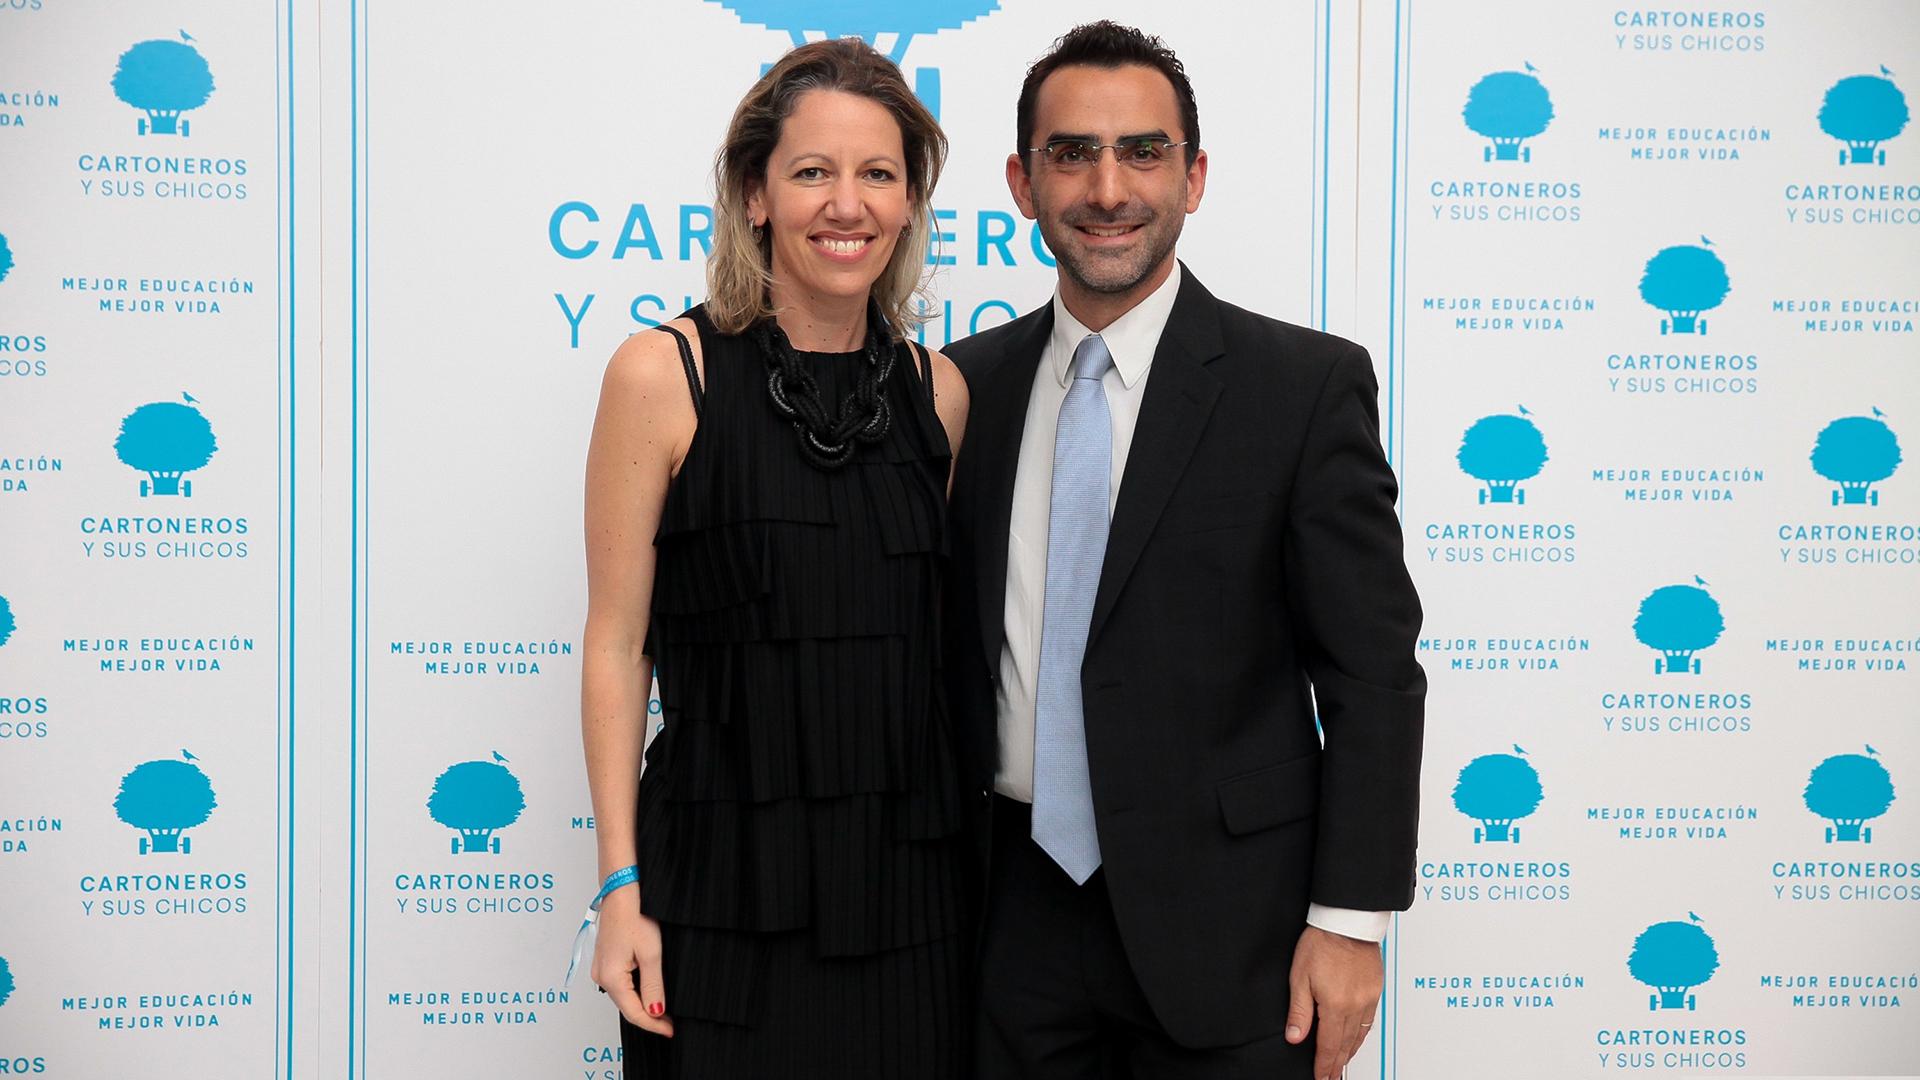 La artista plástica y arquitecta, Luciana Levinton, con su marido